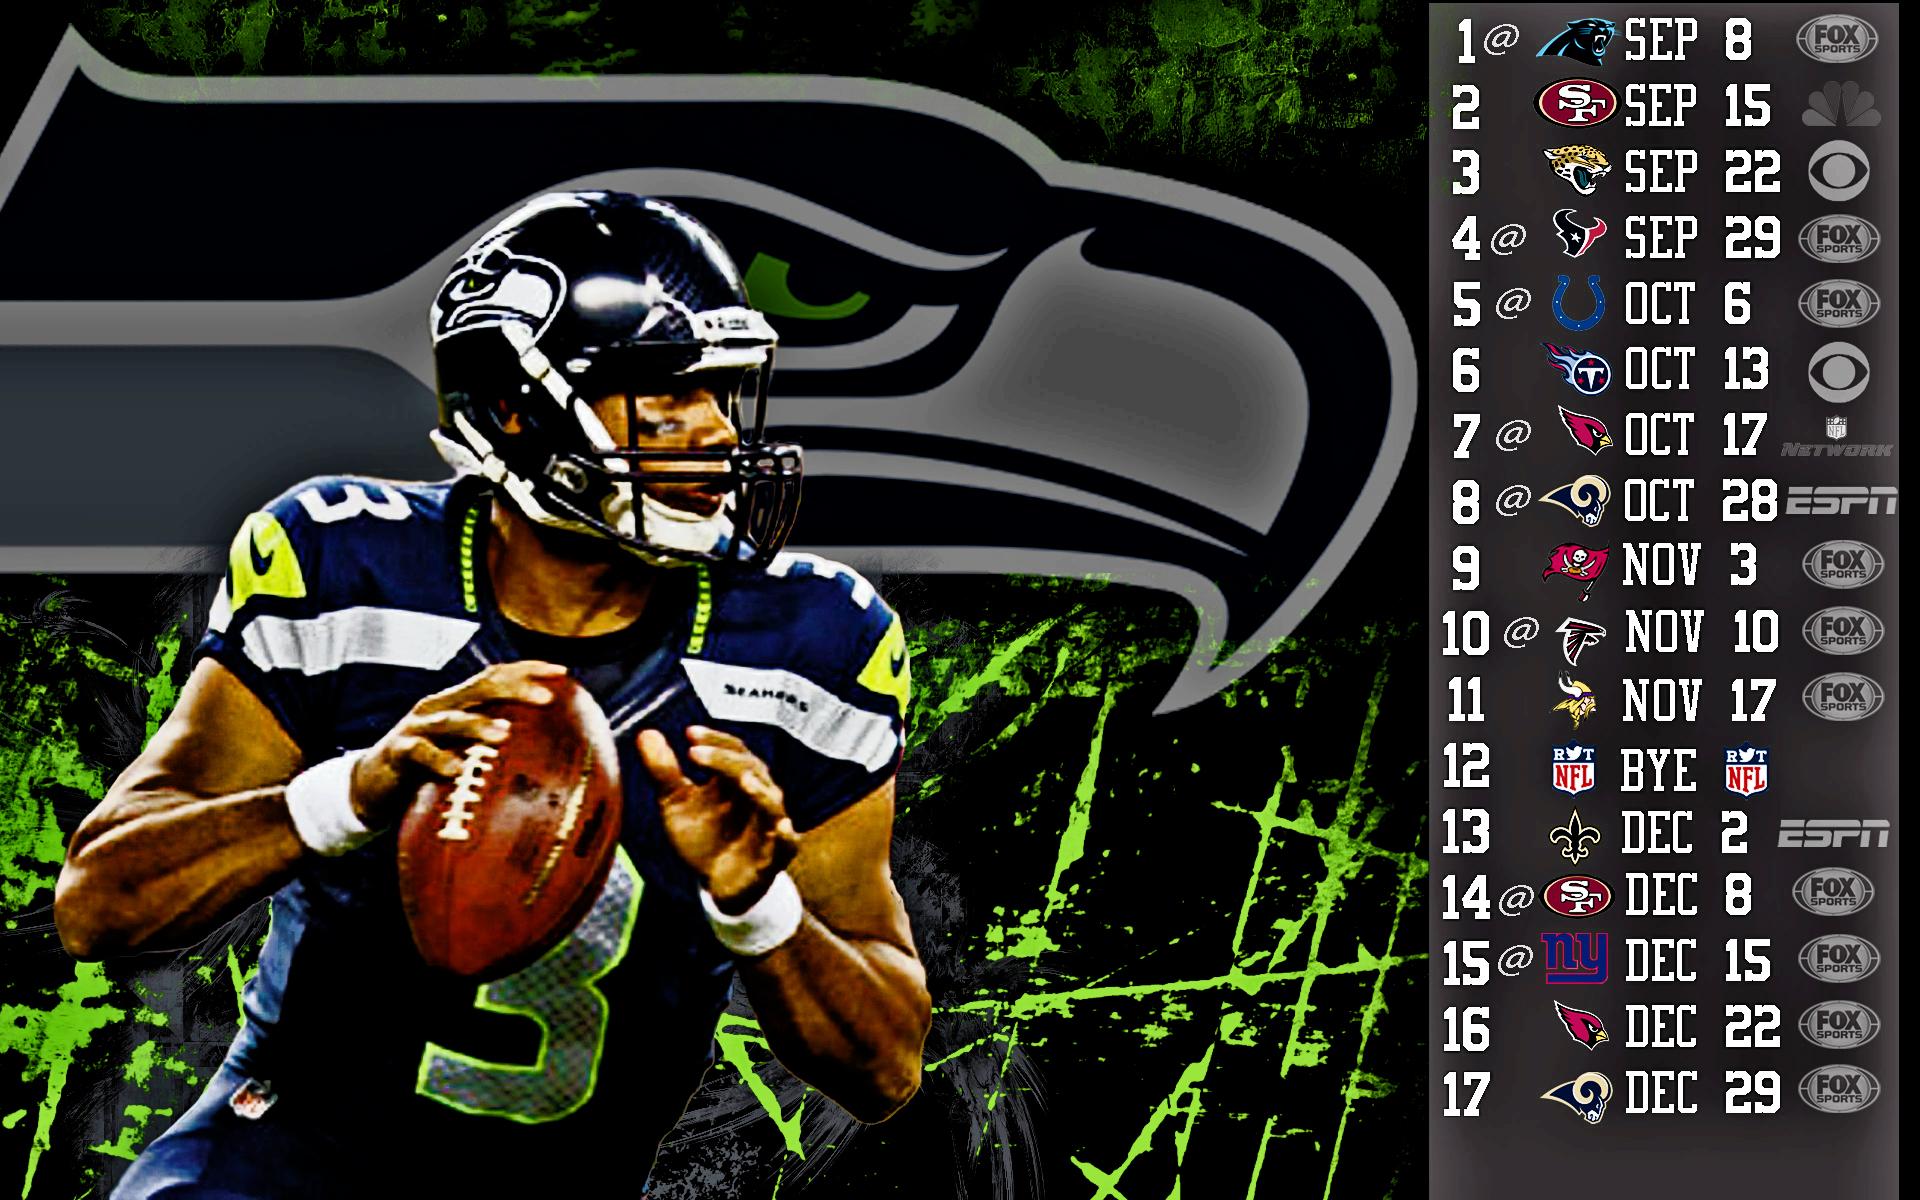 Seattle seahawks hdr sports - Seahawks wallpaper russell wilson ...